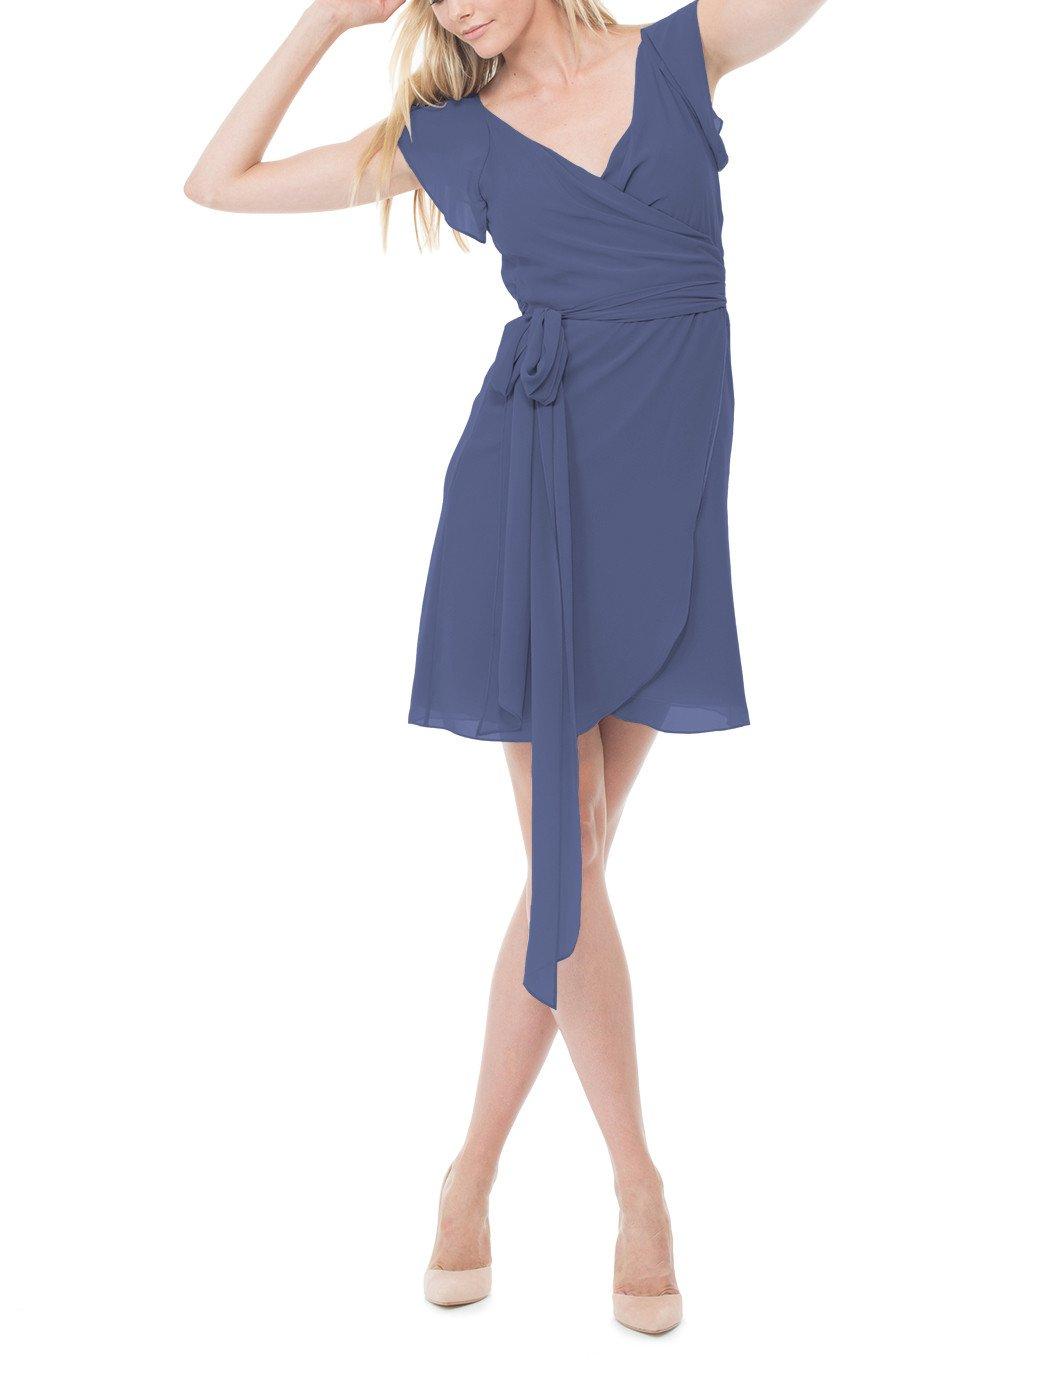 Joanna august dorian short pinterest flutter sleeve hemline and